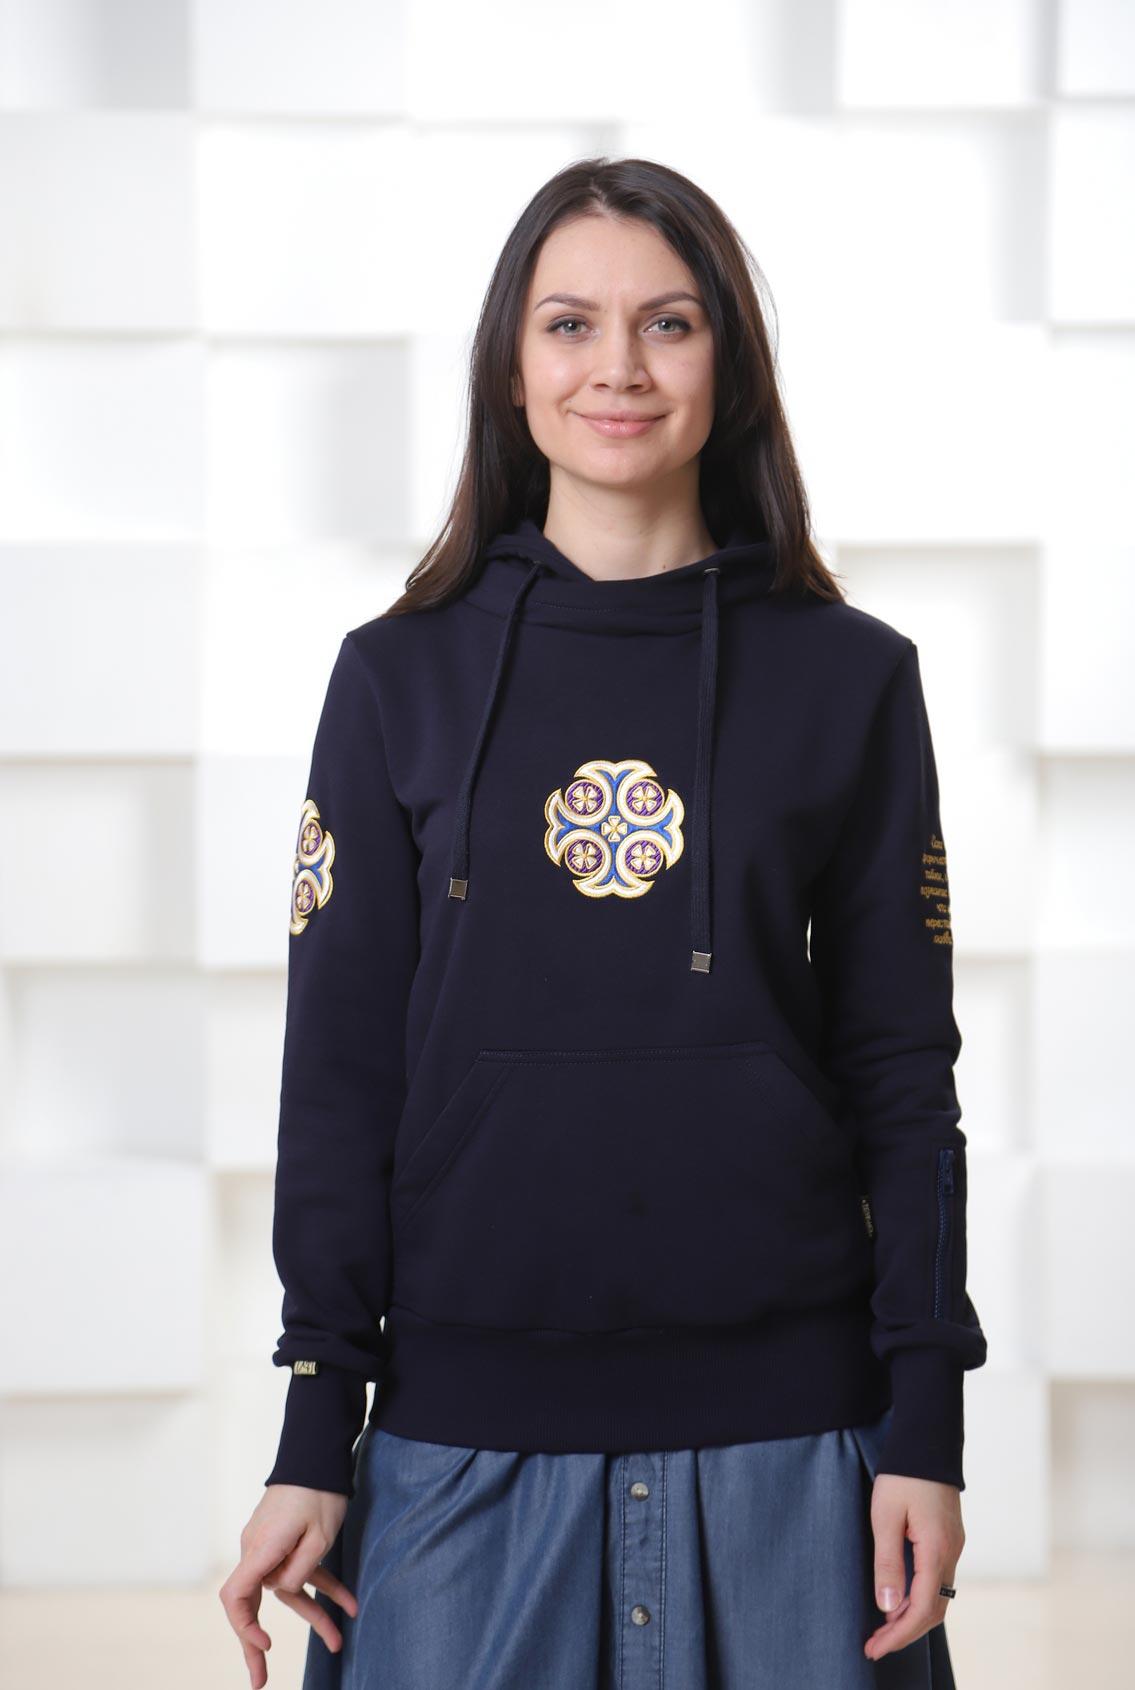 Свитшот с крестом, Cross sweatshirt